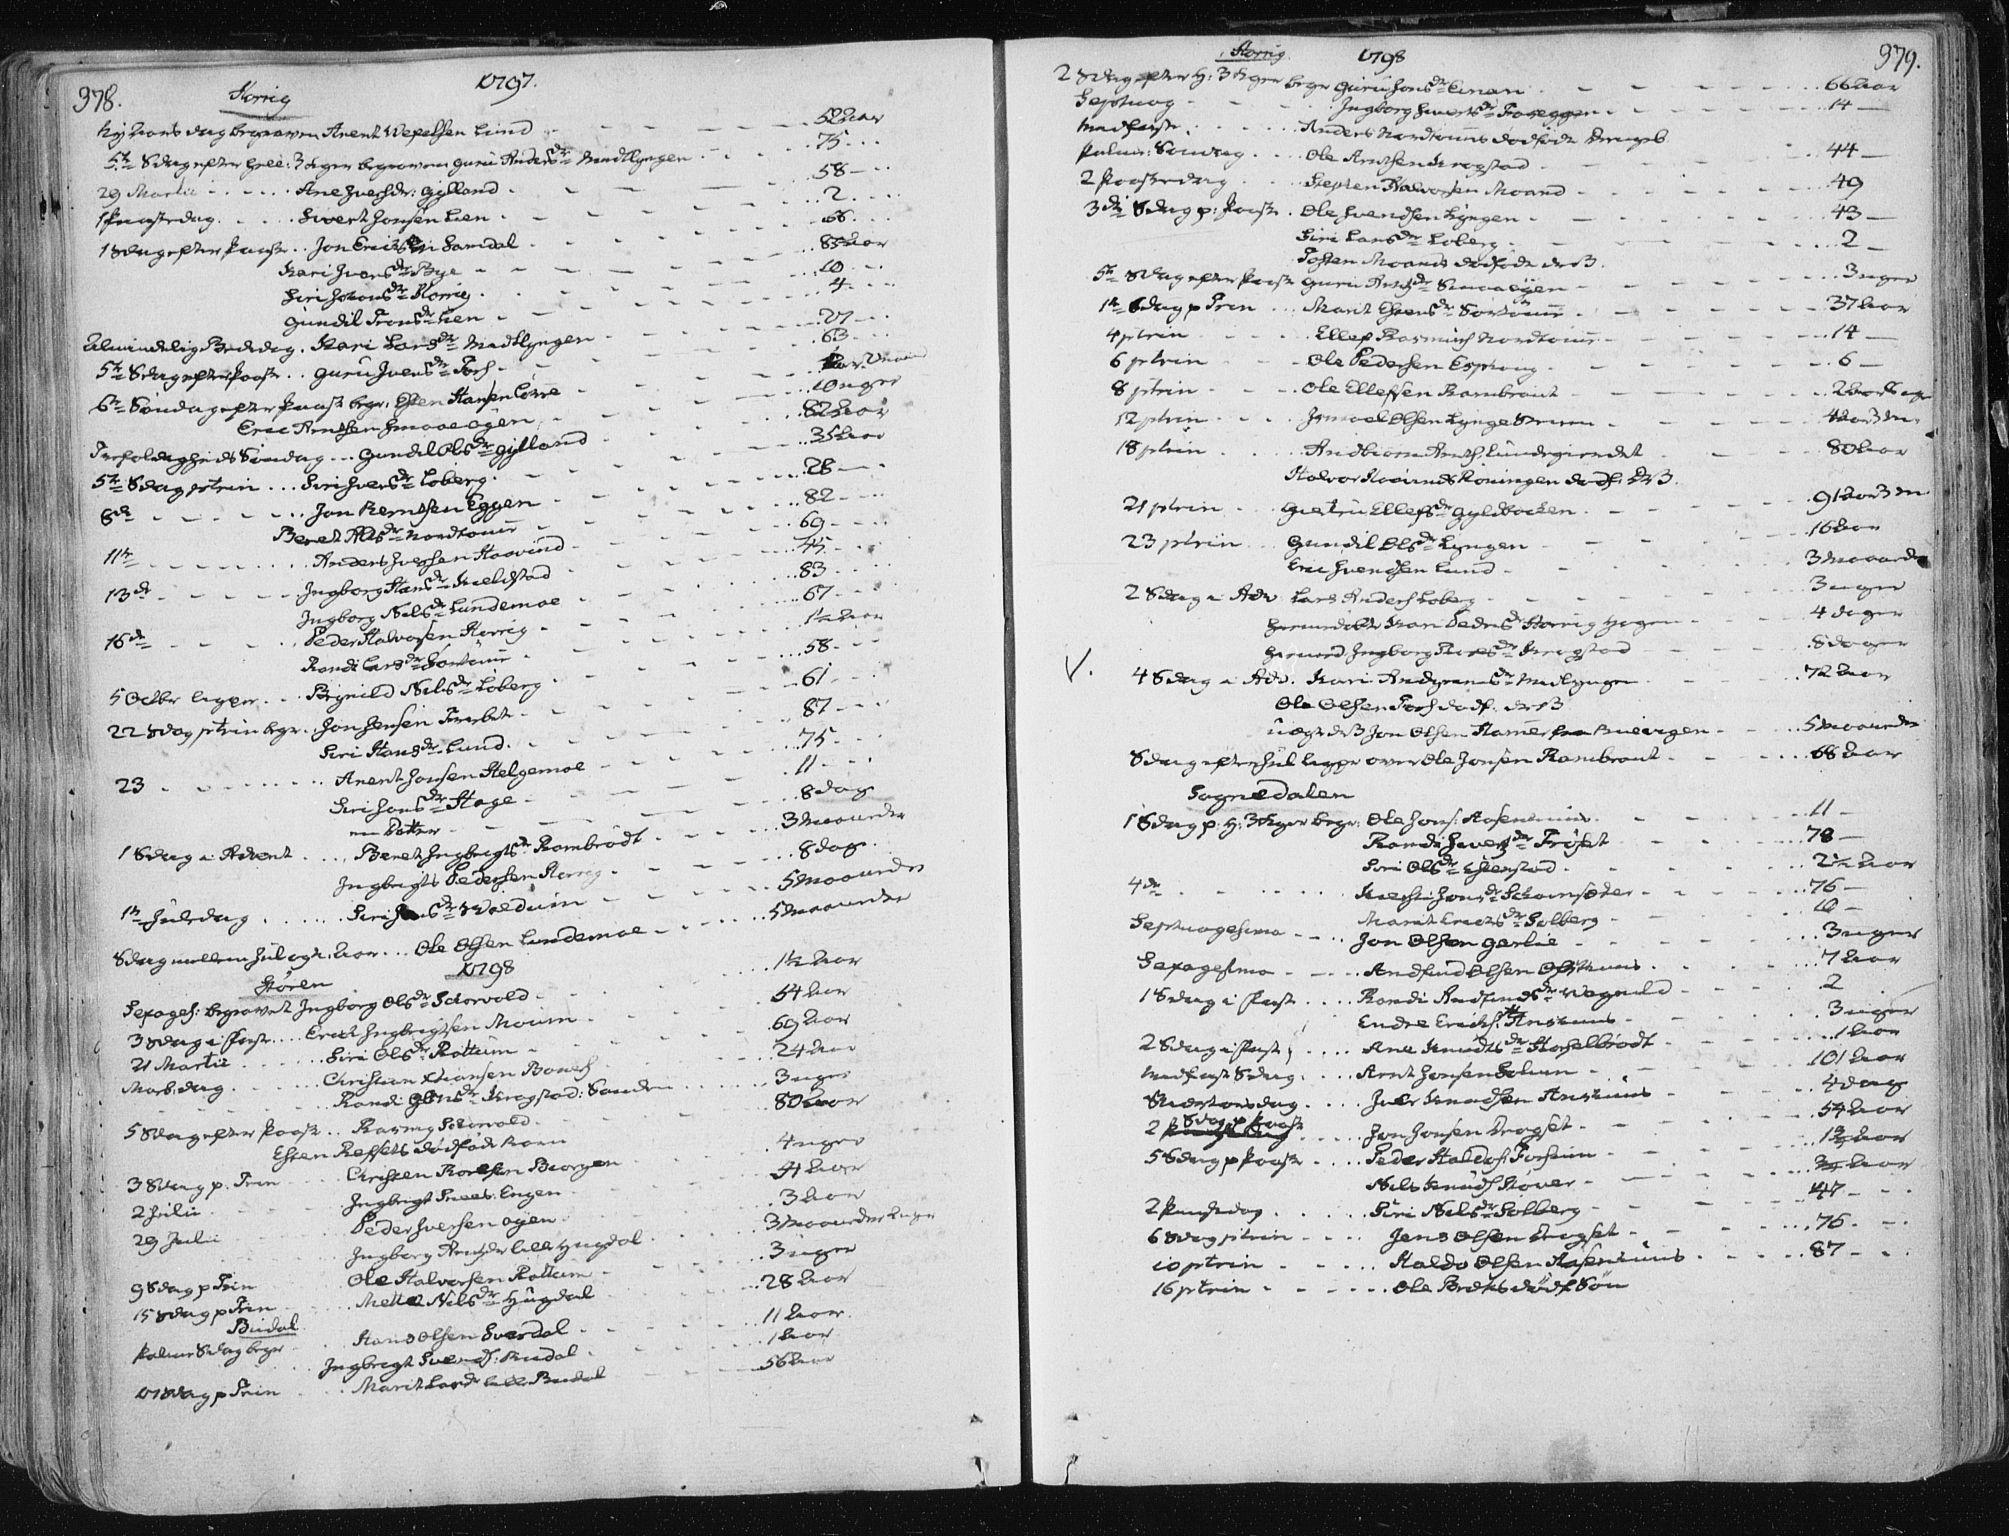 SAT, Ministerialprotokoller, klokkerbøker og fødselsregistre - Sør-Trøndelag, 687/L0992: Ministerialbok nr. 687A03 /1, 1788-1815, s. 378-379